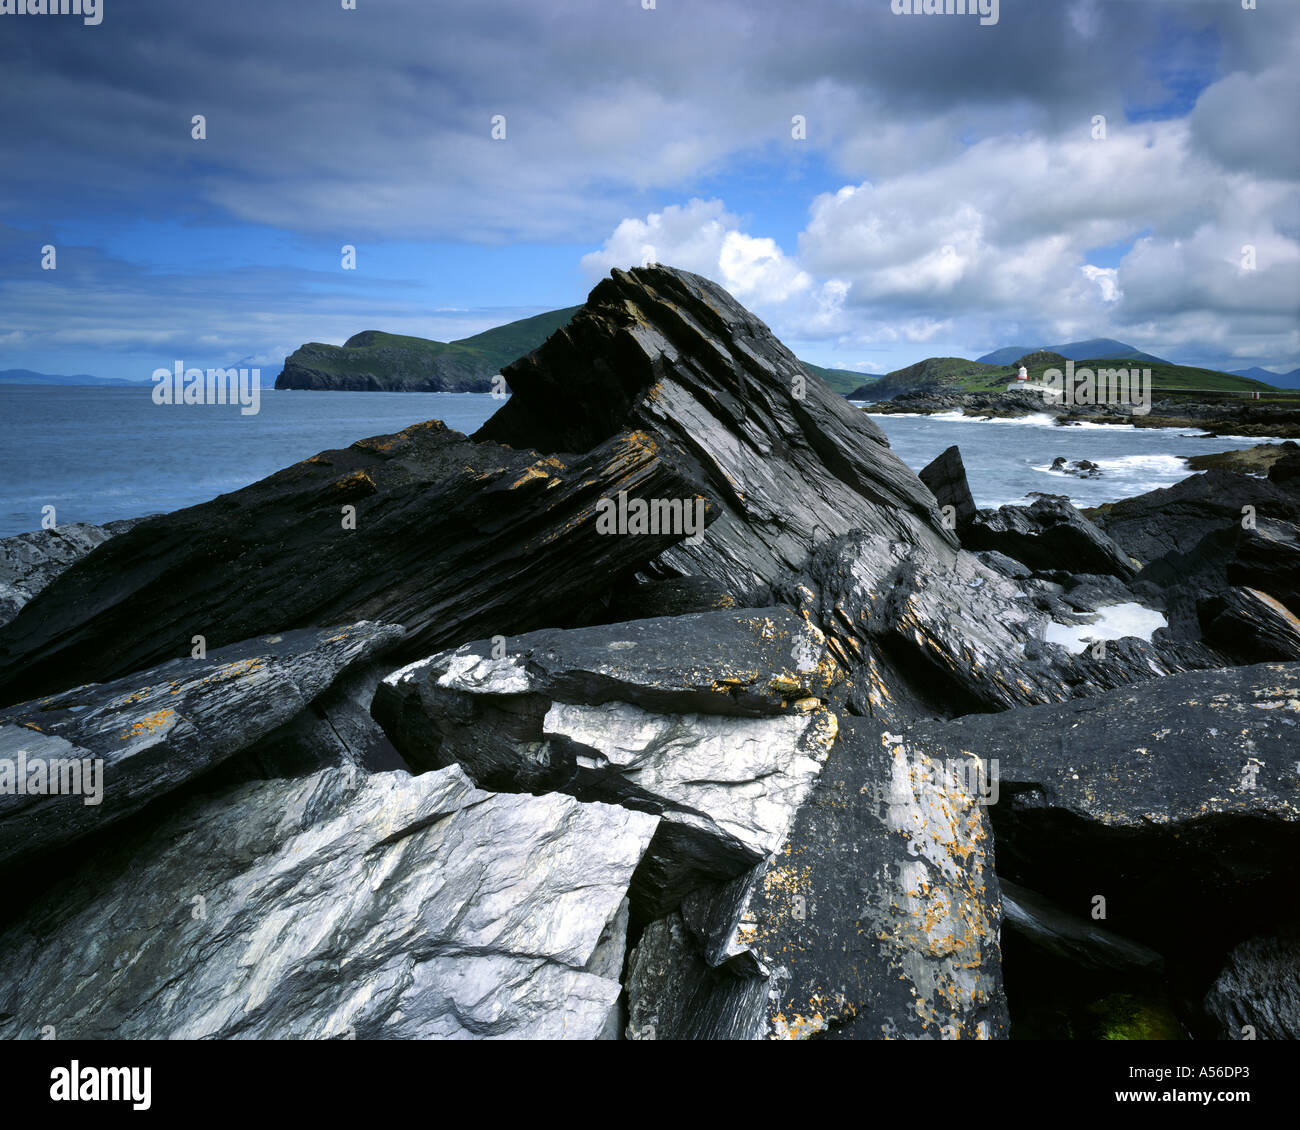 IE - CO KERRY: Valencia phare sur l'île de Valencia Photo Stock